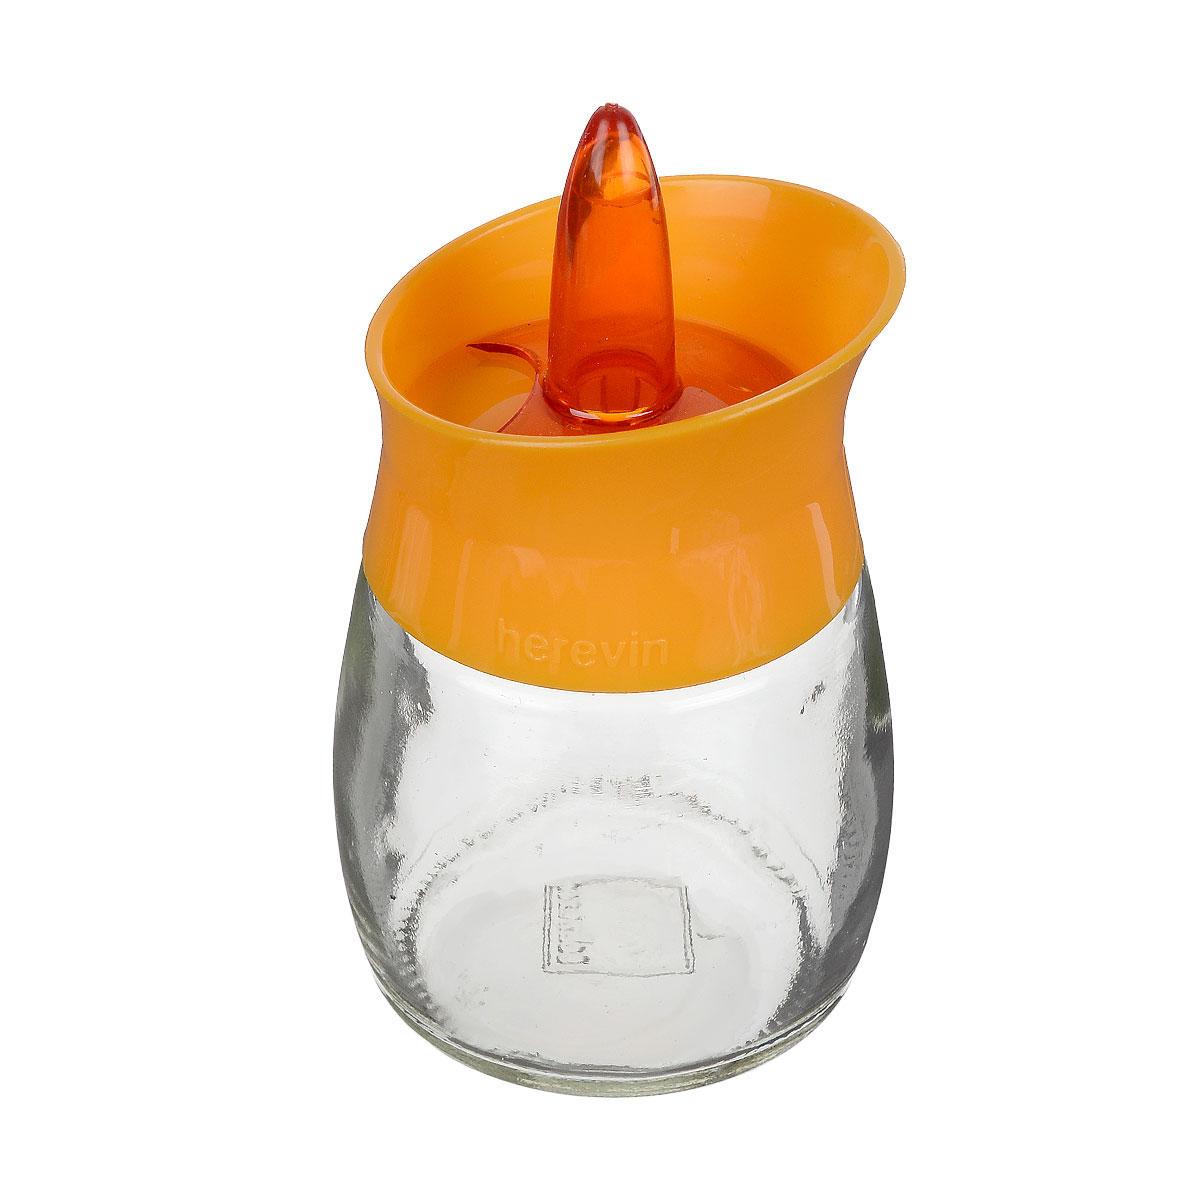 Банка для специй Herevin, цвет: прозрачный, оранжевый, 200 мл. 131260-000131260-000 оранжевыйБанка для специй Herevin выполнена из прозрачного стекла и оснащена пластиковой цветной крышкой с отверстиями разного размера, благодаря которым, вы сможете приправить блюда, просто перевернув банку. Крышка снабжена поворотным механизмом, благодаря которому вы сможете регулировать степень подачи специй. Крышка легко откручивается, благодаря чему засыпать приправу внутрь очень просто. Такая баночка станет достойным дополнением к вашему кухонному инвентарю. Можно мыть в посудомоечной машине. Диаметр (по верхнему краю): 5,5 см. Высота банки (без учета крышки): 7,5 см.